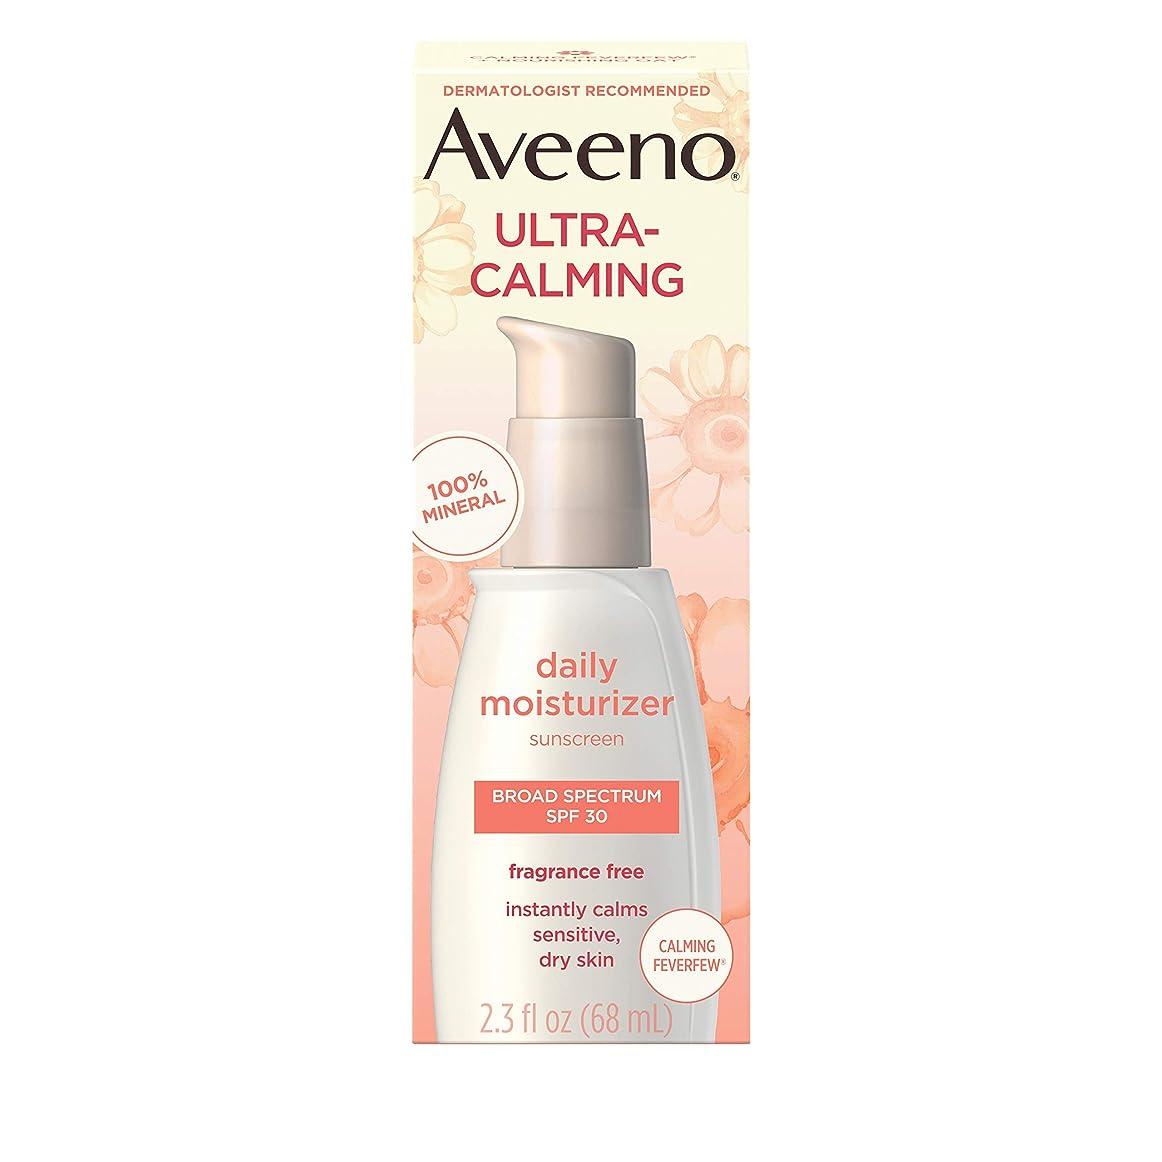 工業化する連結する彼自身アビーノ ウルトラカーミング デイリーモイスチャライザー無香料 敏感肌用 SPF30 0.25オンス Aveeno Ultra-Calming Daily Fragrance-Free Moisturizer - Sensitive Skin - SPF 30-2.5 fl oz